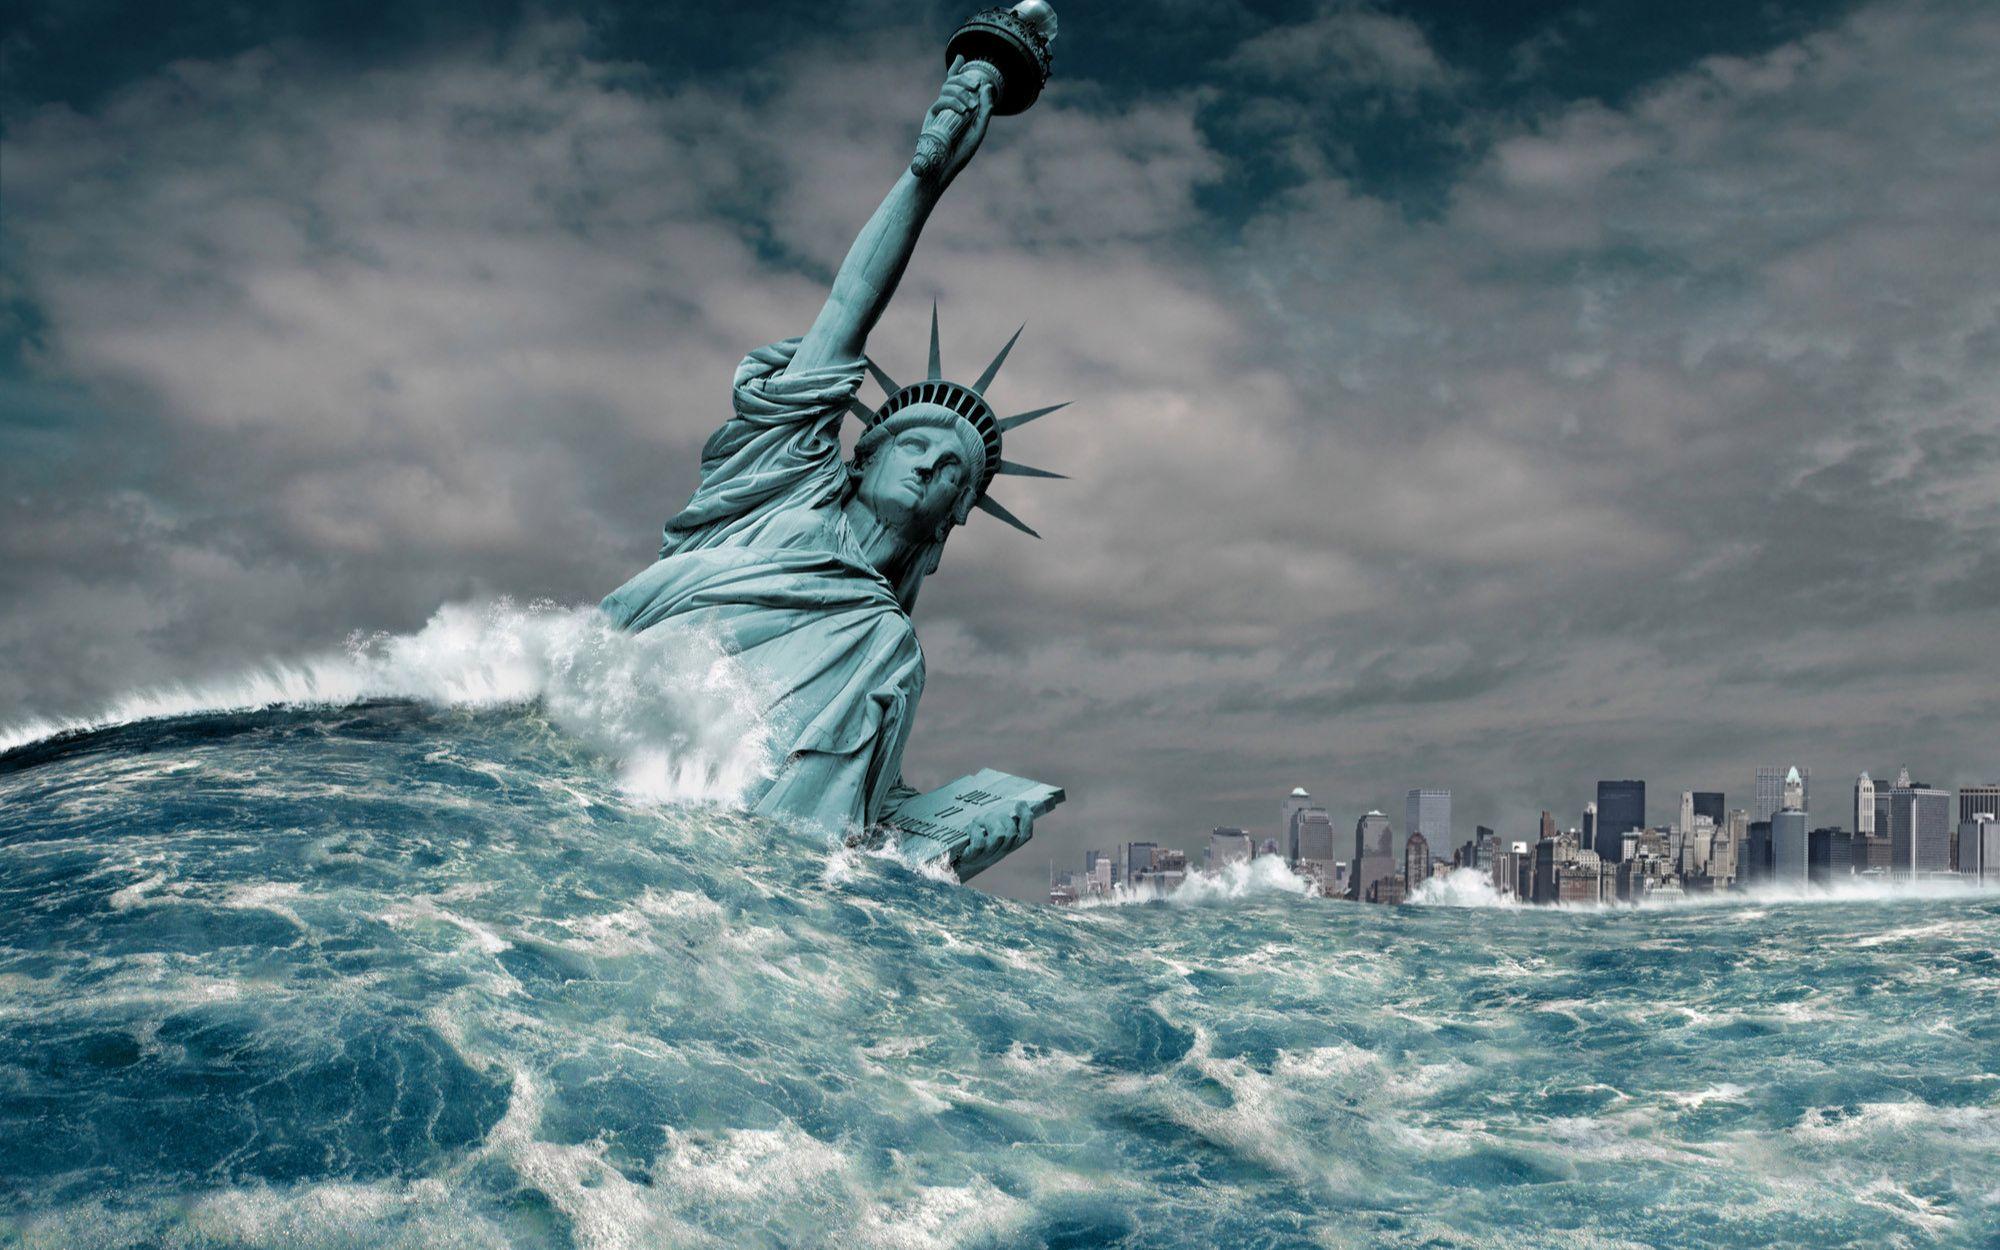 Quốc đảo này sắp bị xóa sổ vĩnh viễn, nguyên nhân vì đại nạn chúng ta sắp đối mặt - Ảnh 6.